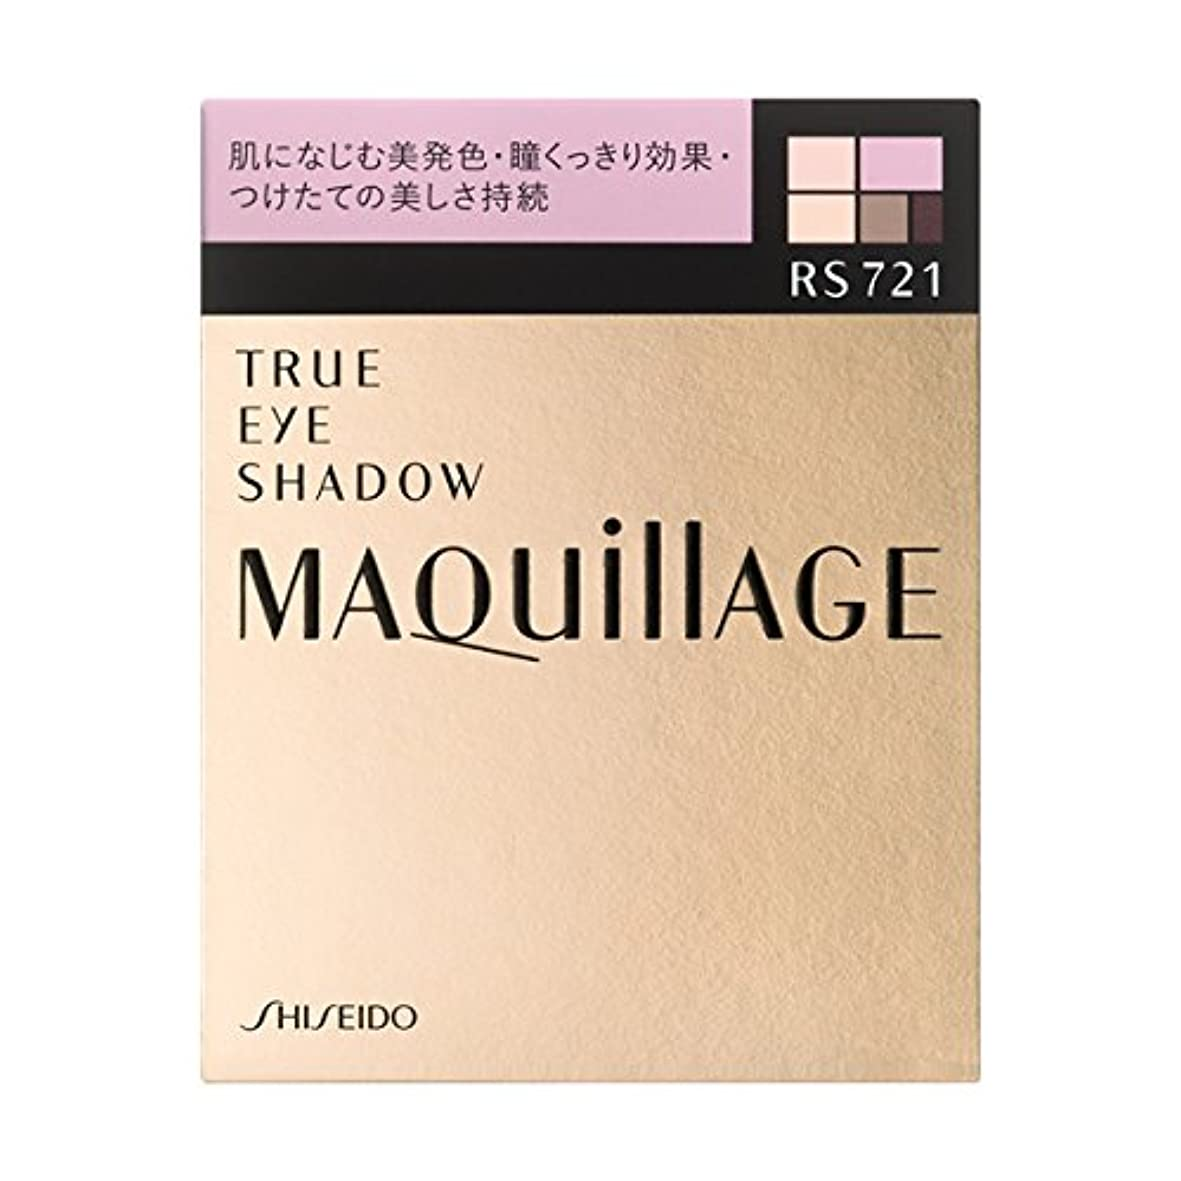 サージ評判化合物資生堂 マキアージュ トゥルーアイシャドー RS721